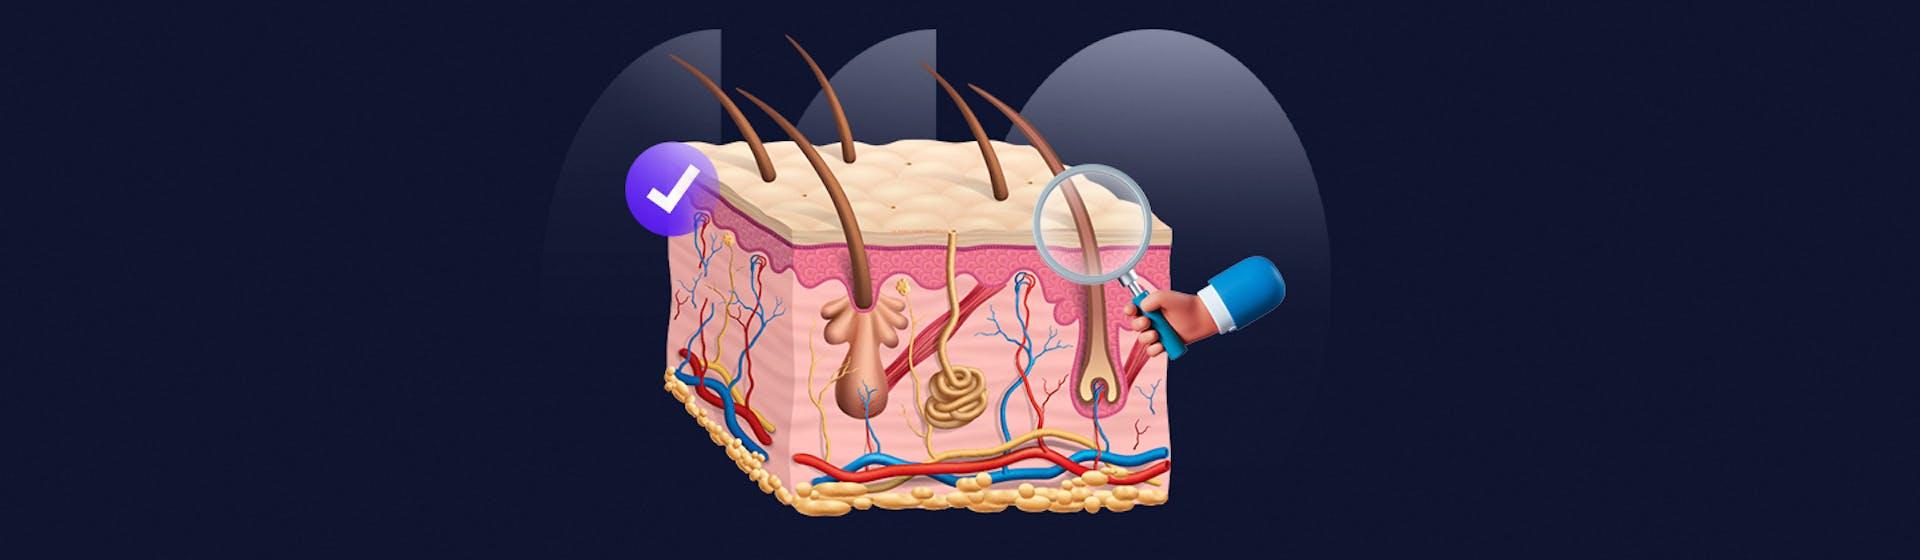 ¿Cómo proteger la piel? Cuidados que todo dermatólogo recomienda